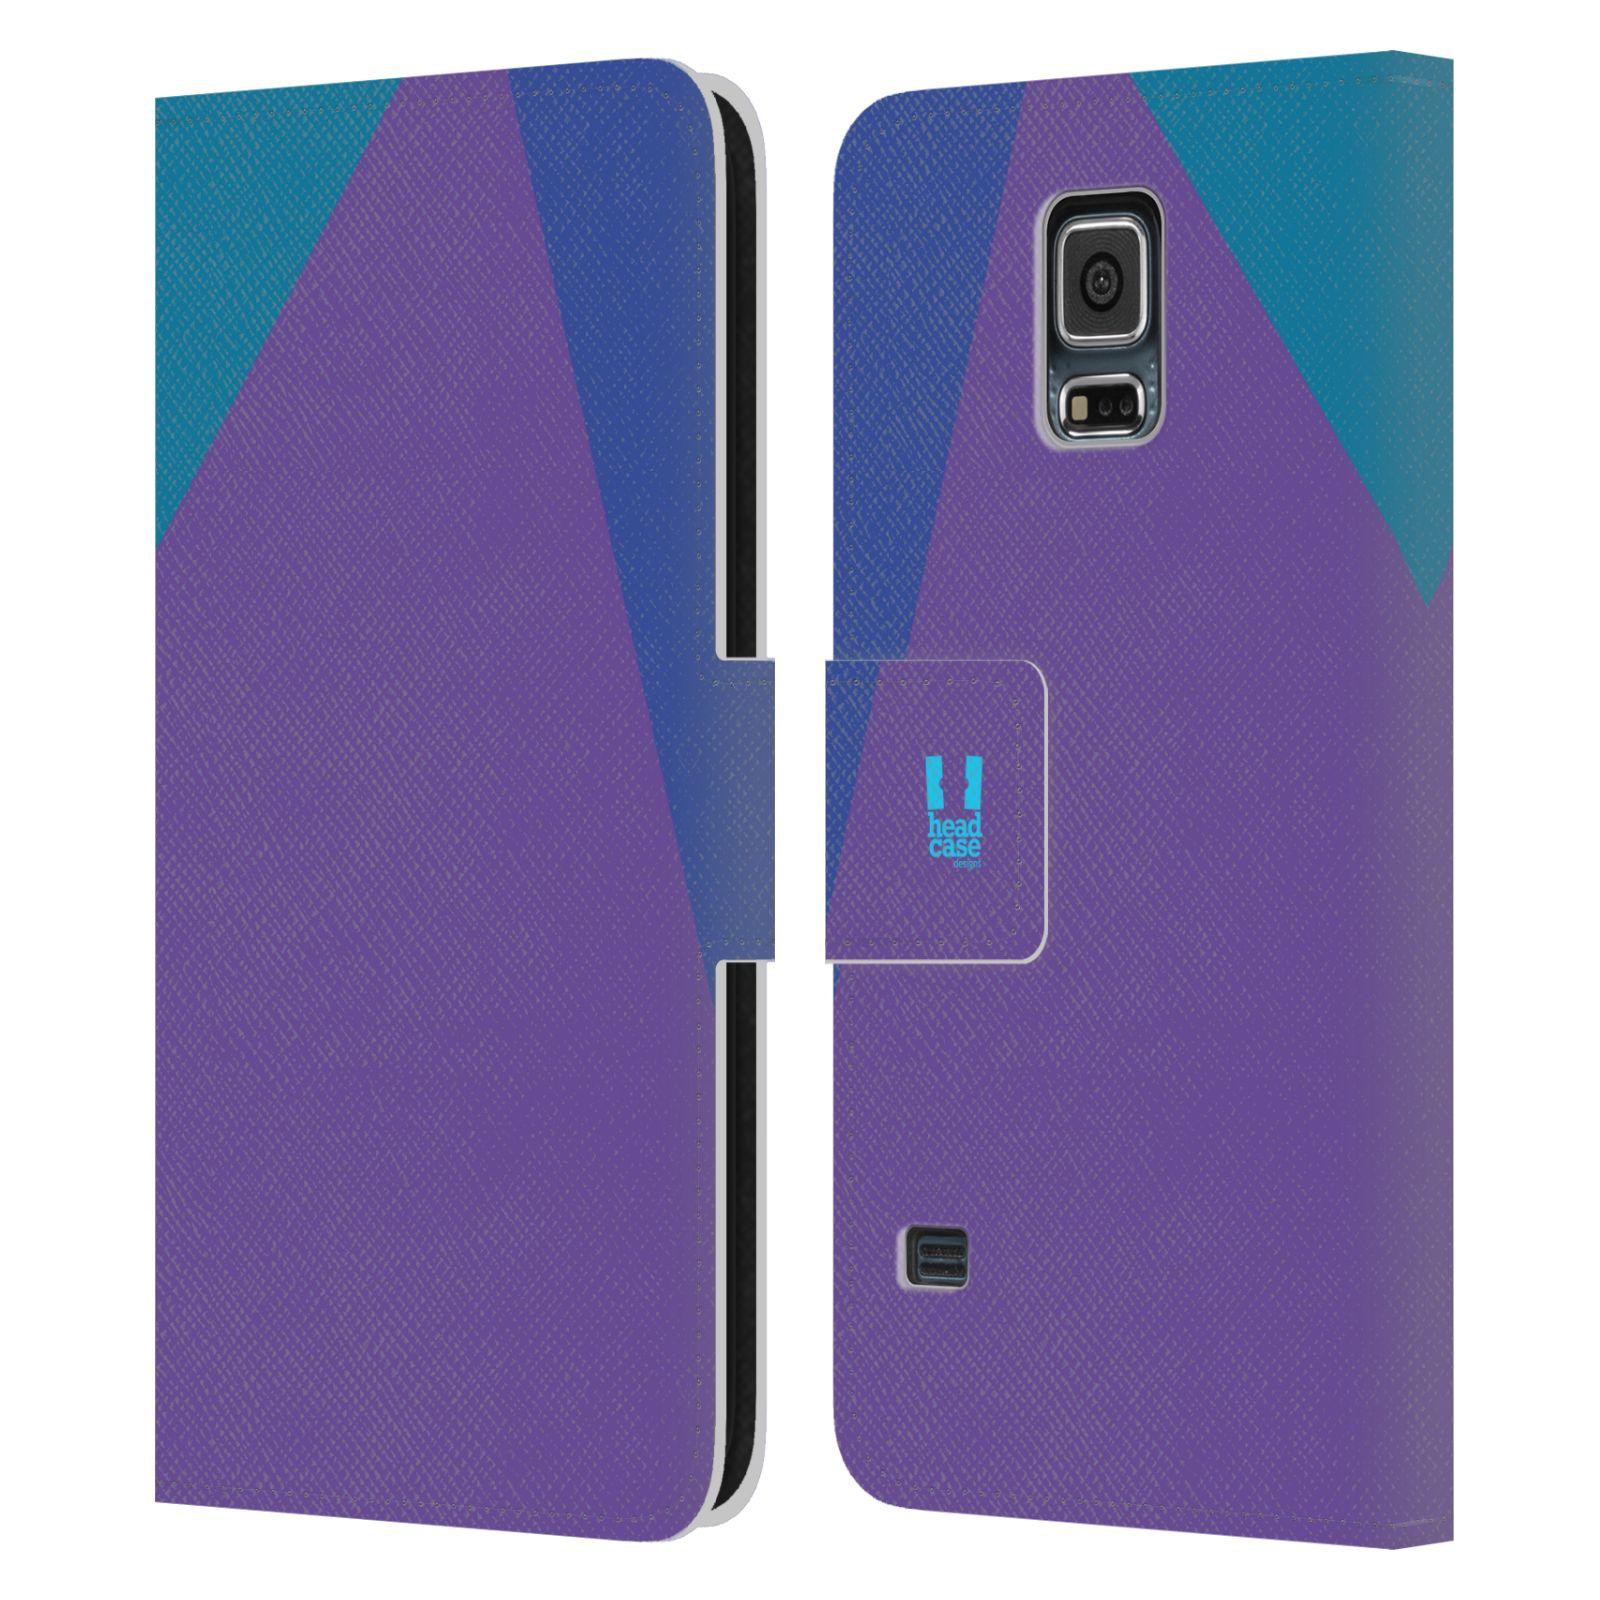 HEAD CASE Flipové pouzdro pro mobil Samsung Galaxy S5 barevné tvary fialová feminine